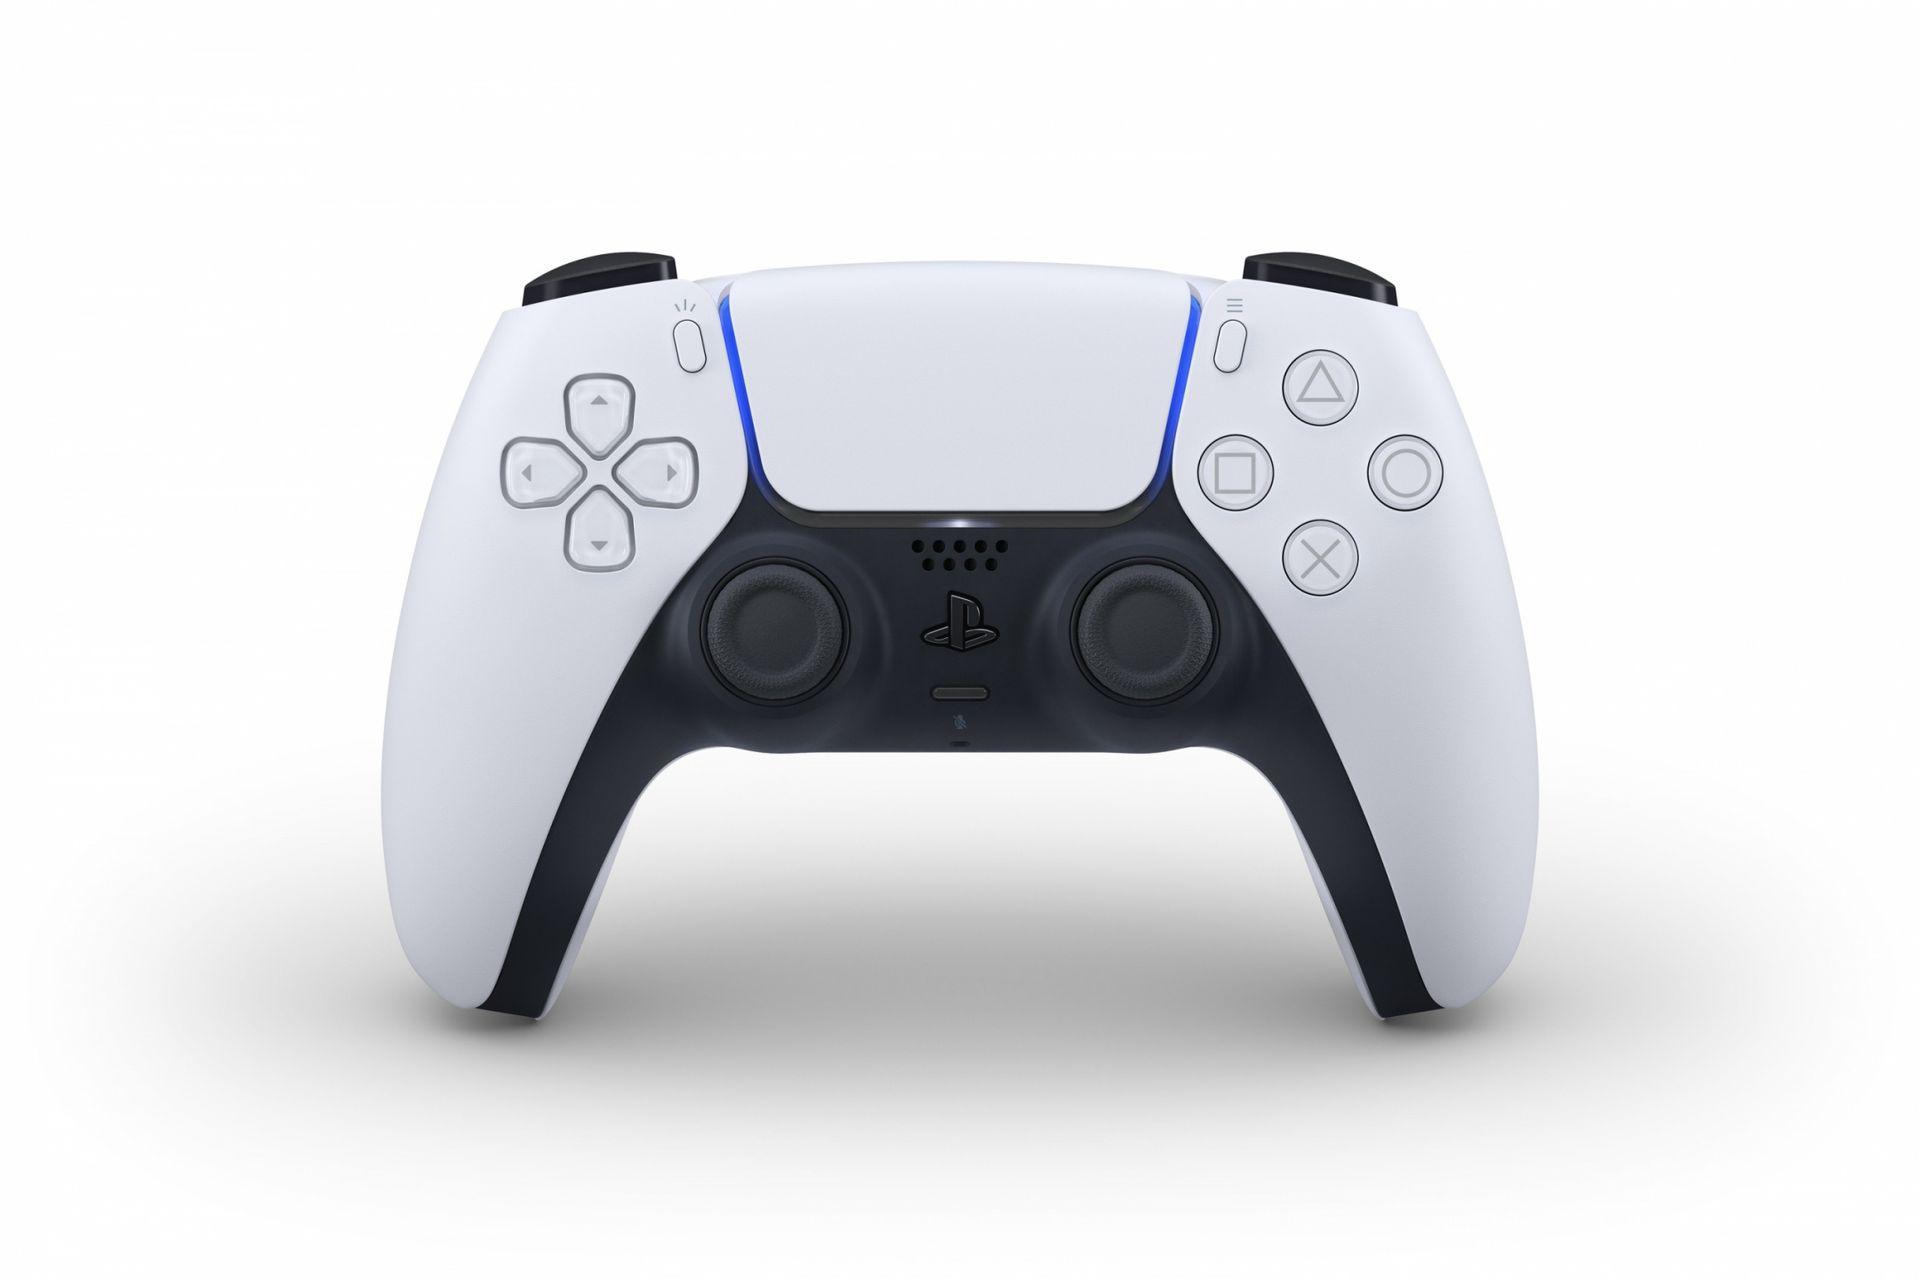 Playstation 5-kontrollen heter Dualsense